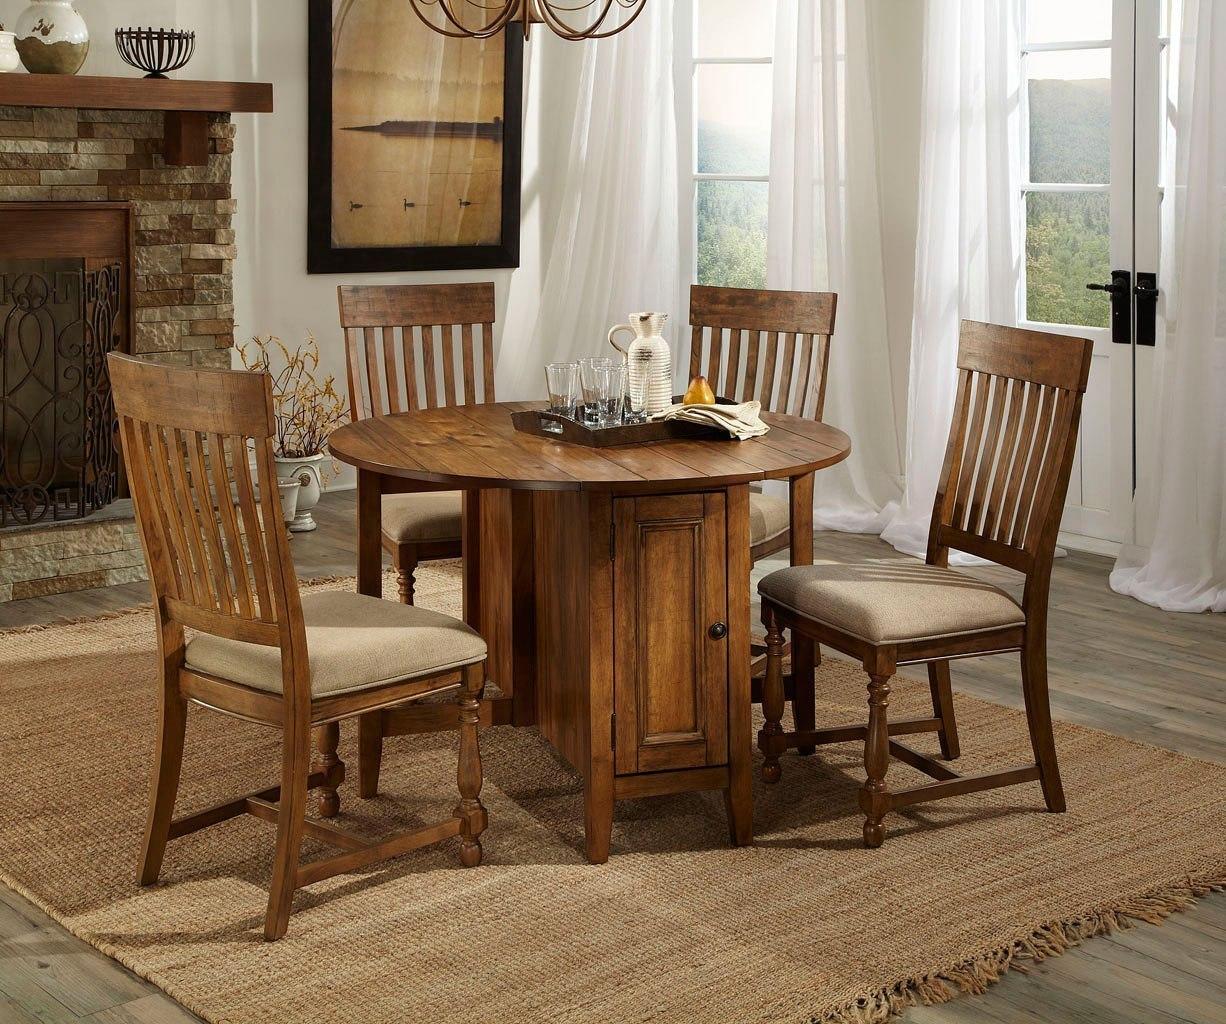 Rhone Round Kitchen Table Set